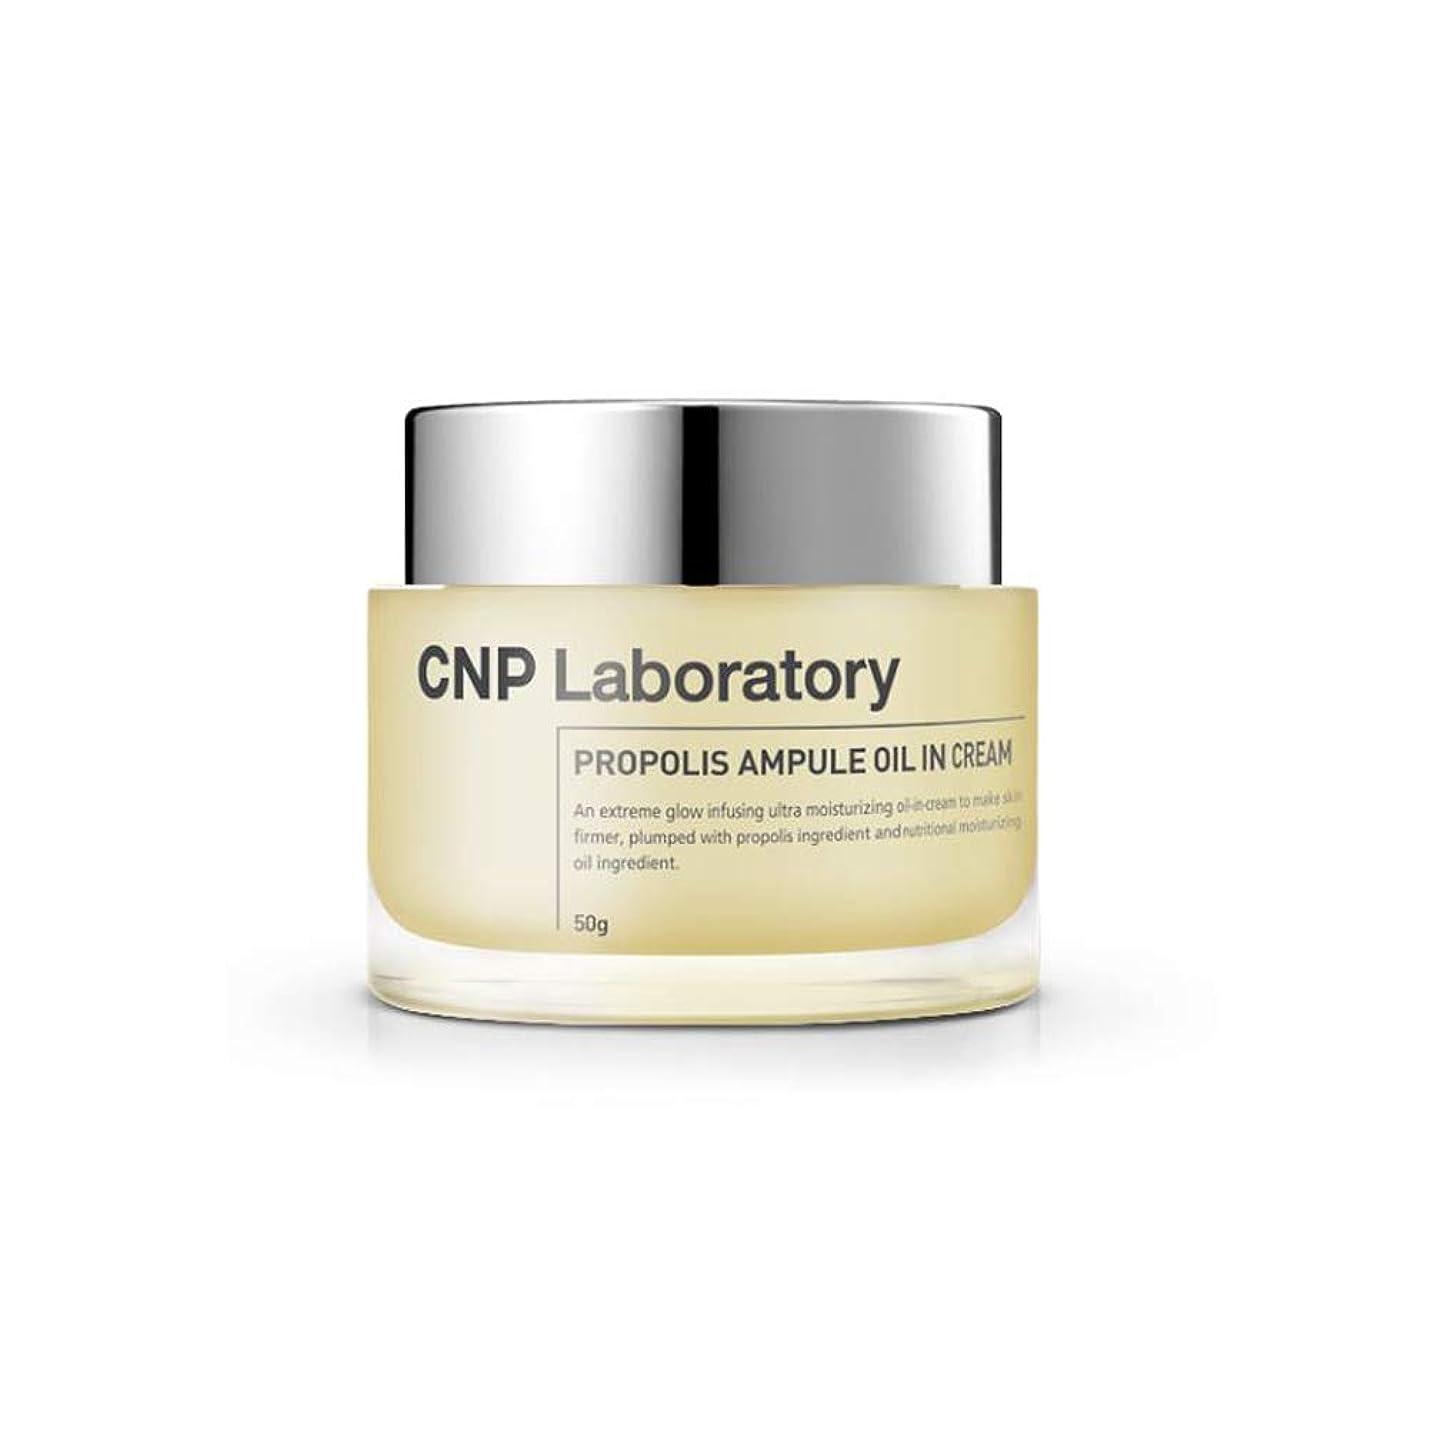 ペインティングメタン変化する[CNP Laboratory] CNP チャ&パク プロポリスアンプルオイルインクリーム 50g [海外直送品][並行輸入品]